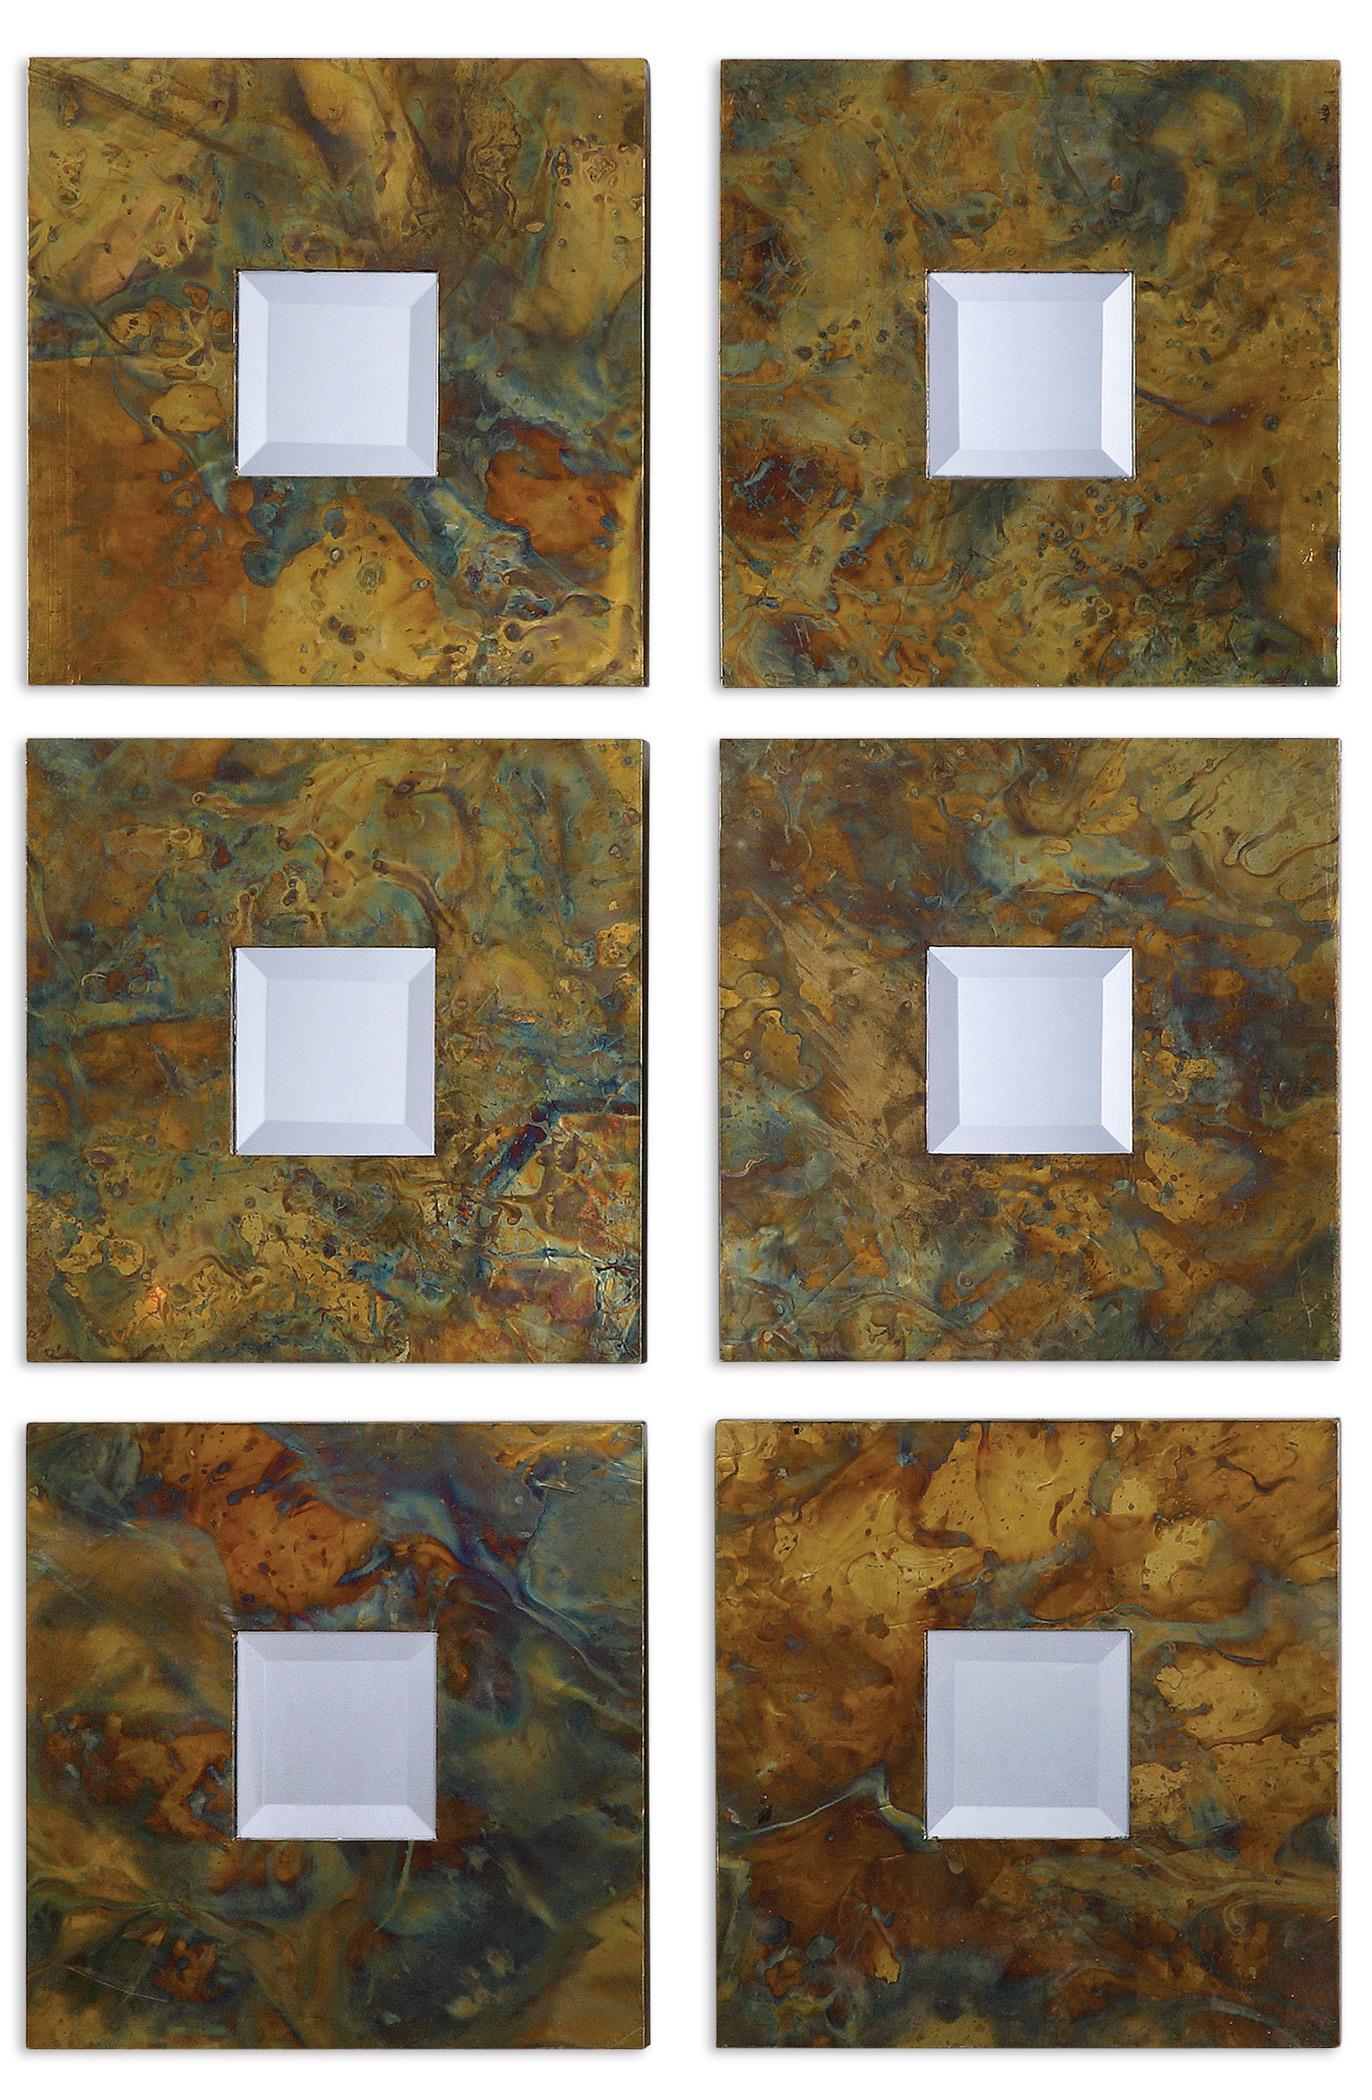 Uttermost Mirrors Ambrosia Squares Mirror Set 2 - Item Number: 07058